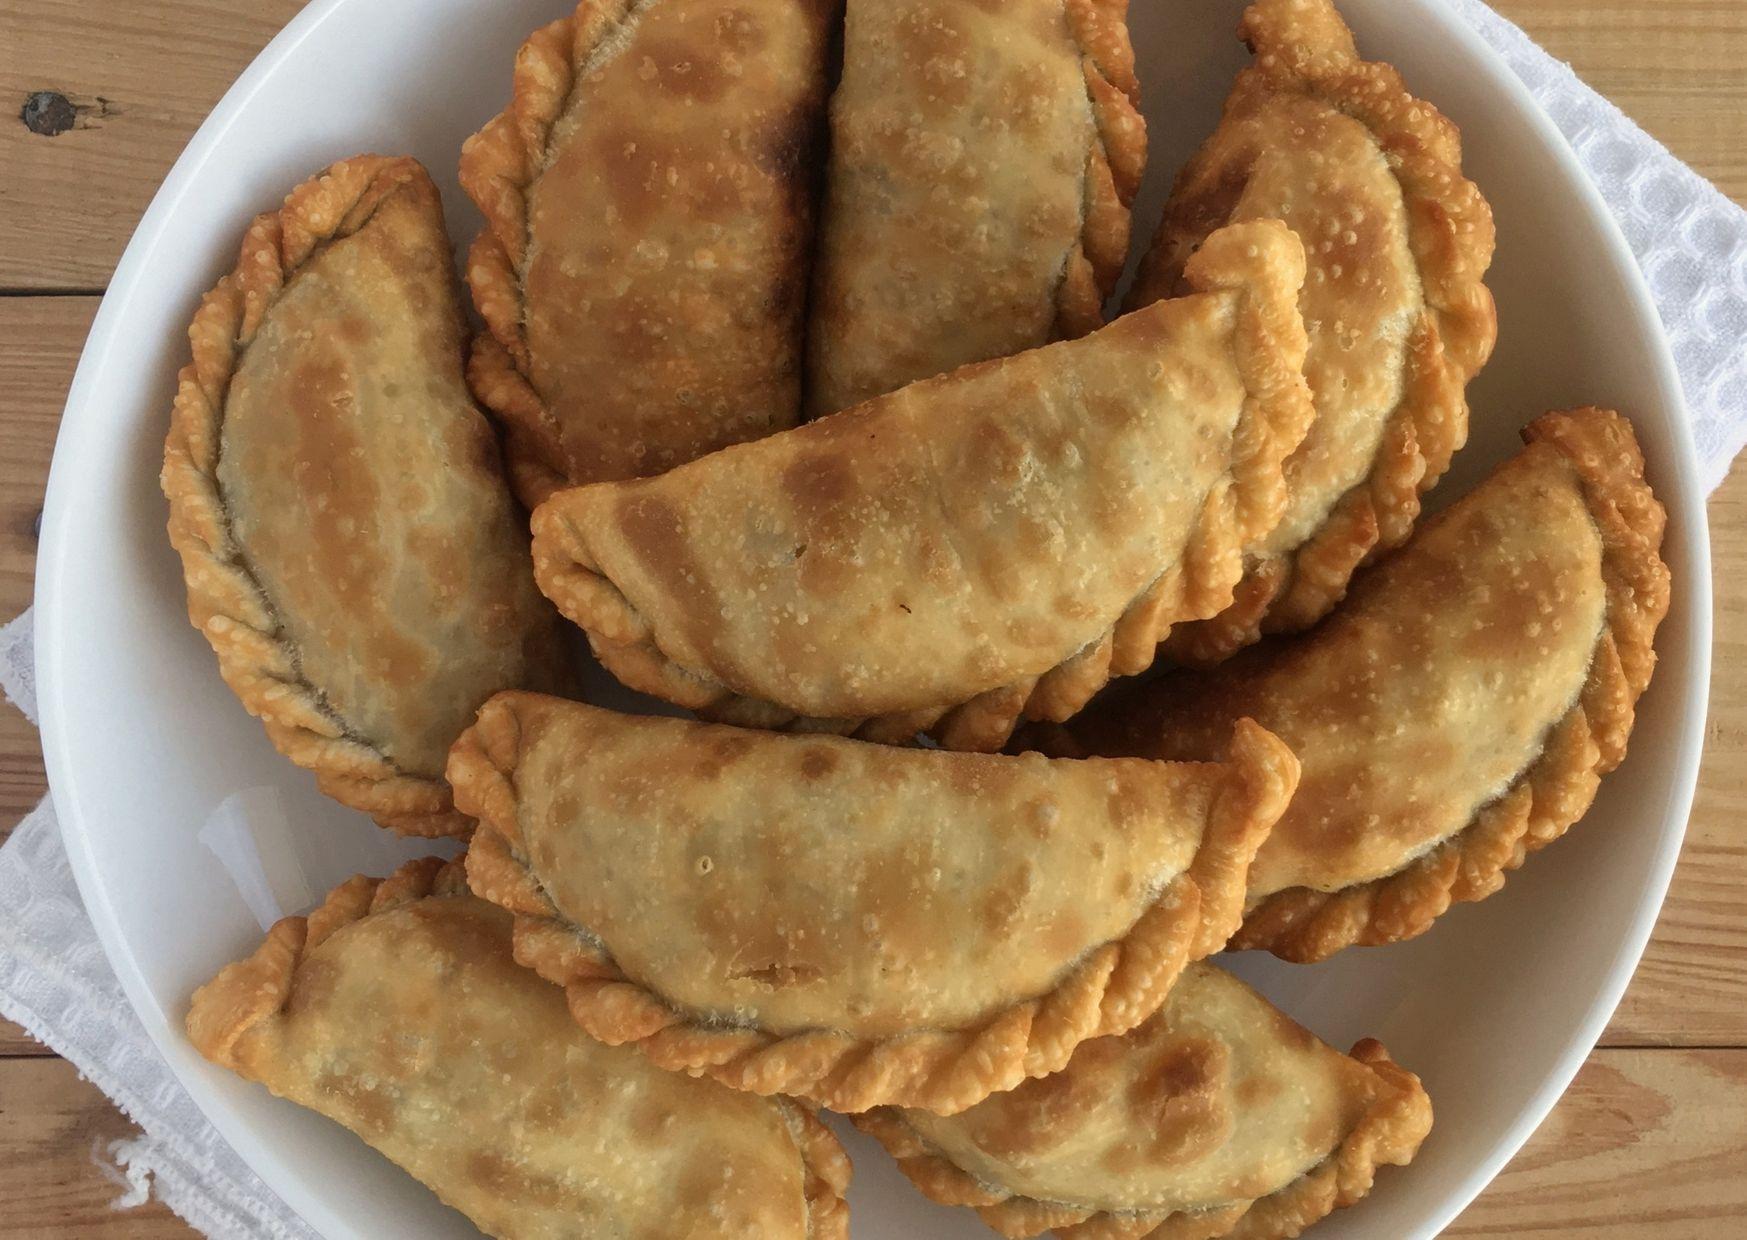 Empanadas fritas de choclo (maíz) con pasas de uva